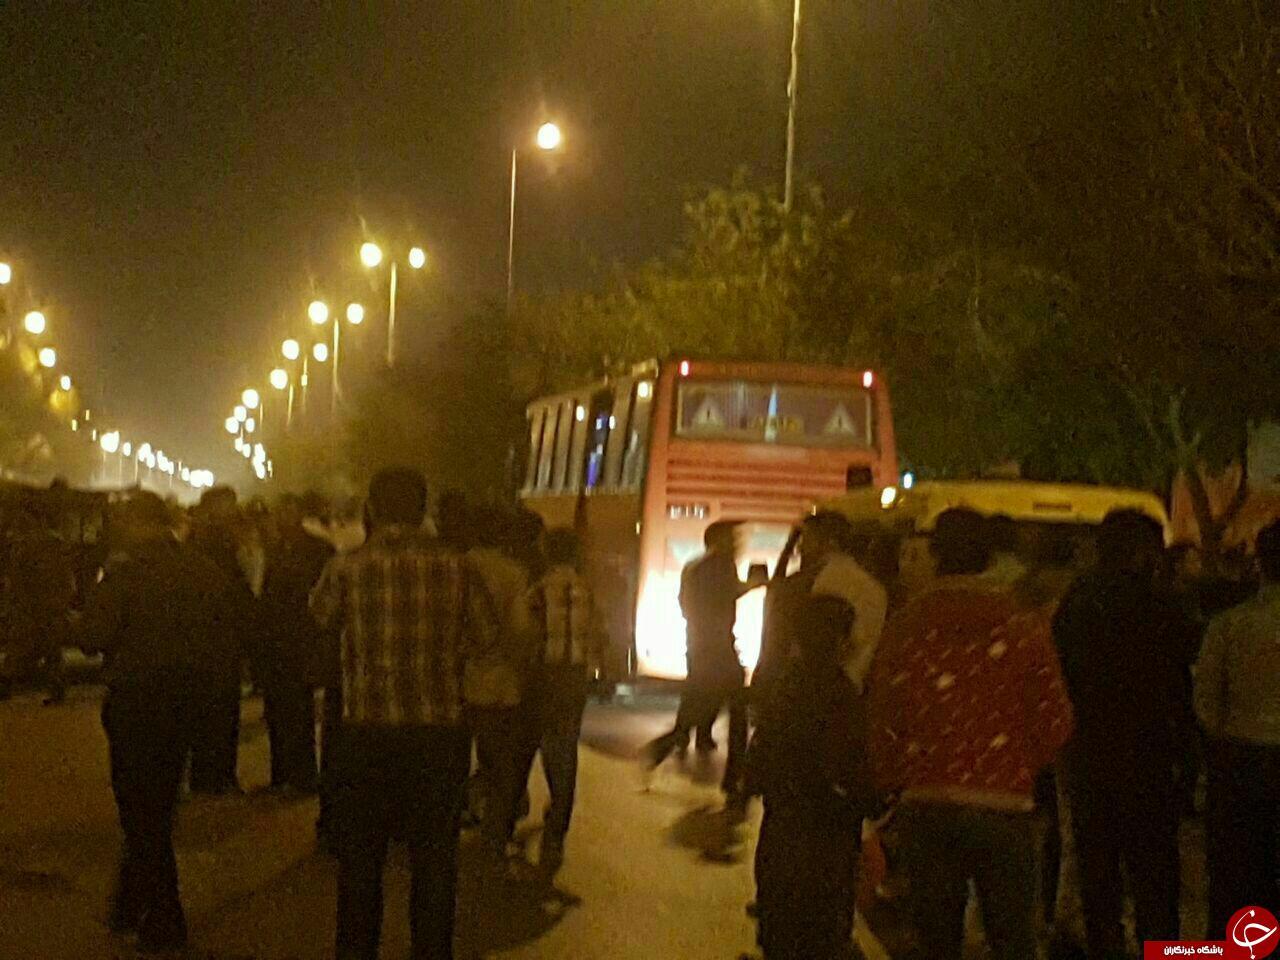 جزئیات گروگانگیری اتوبوس اهواز شوشتر 21 آبان 95